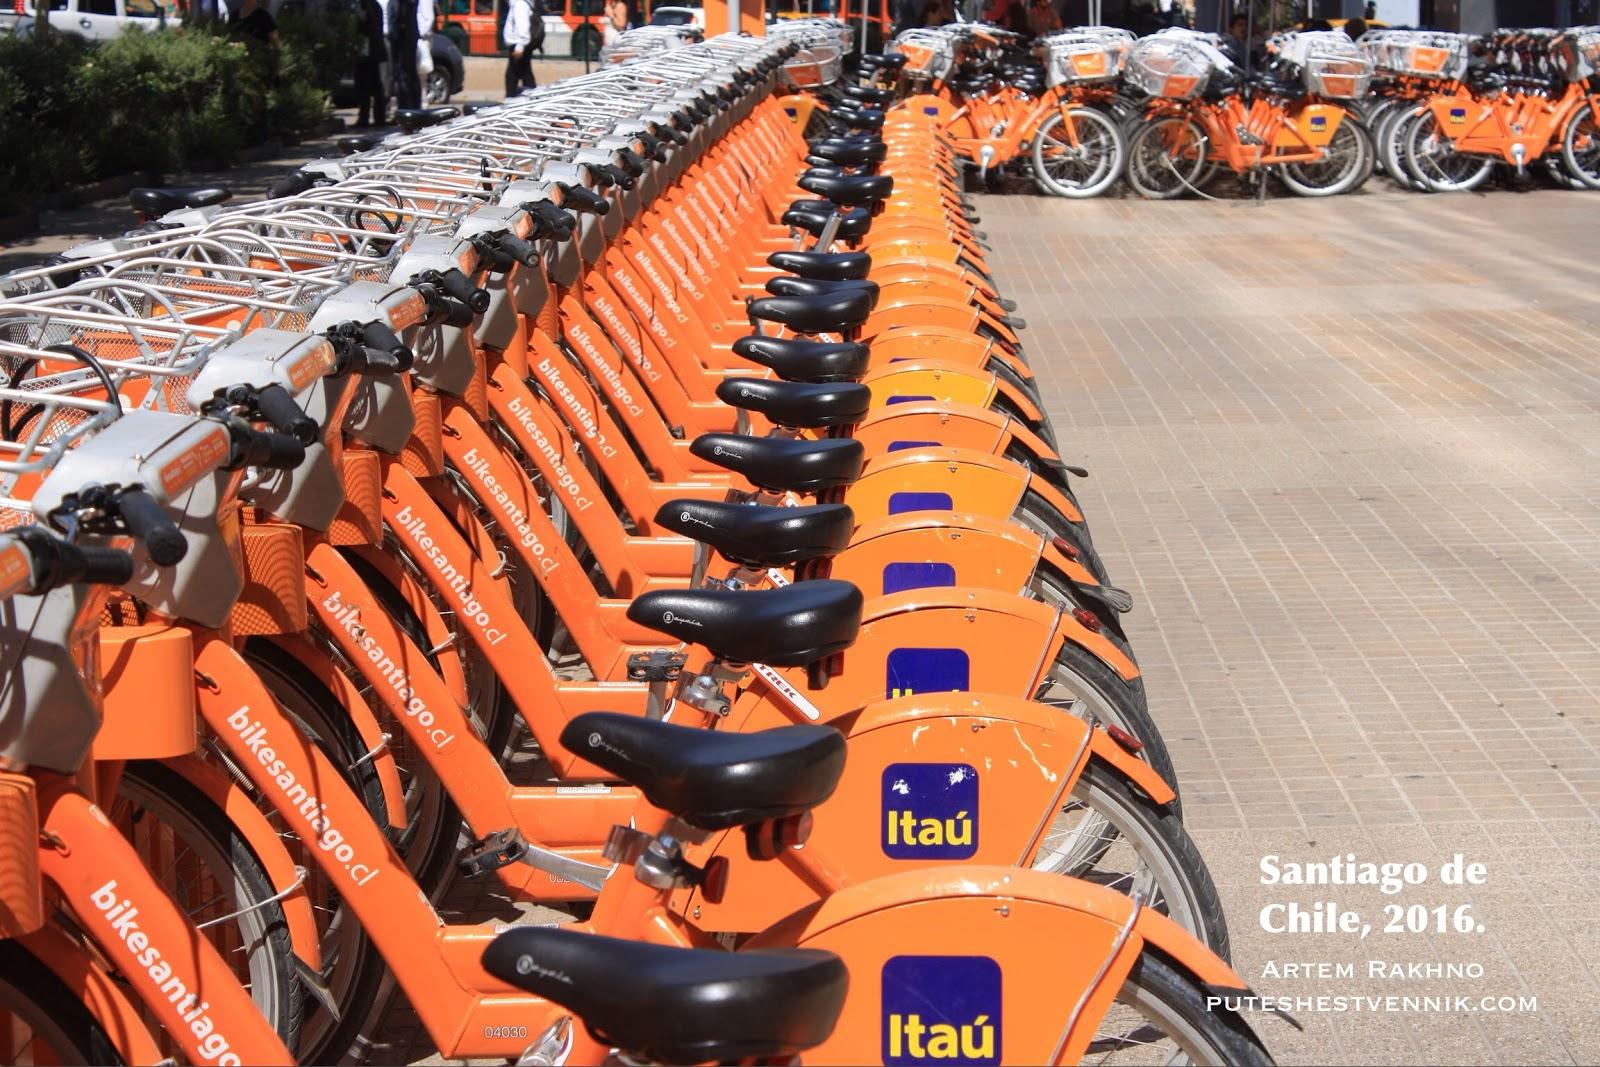 Городские велосипеды в Сантьяго